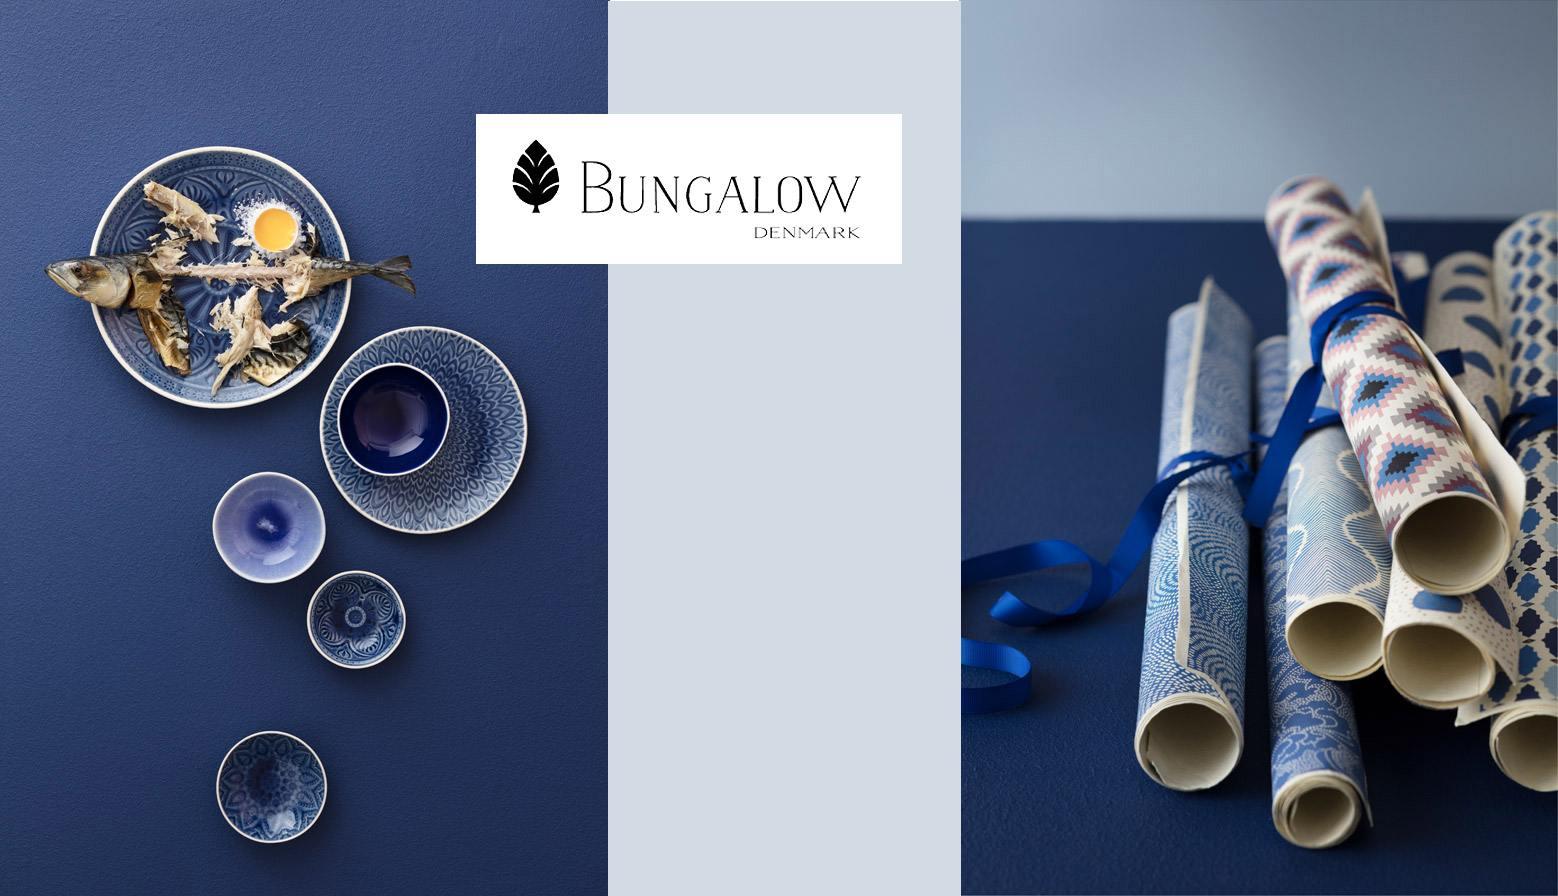 bungalow dk wunderschoen-gemacht